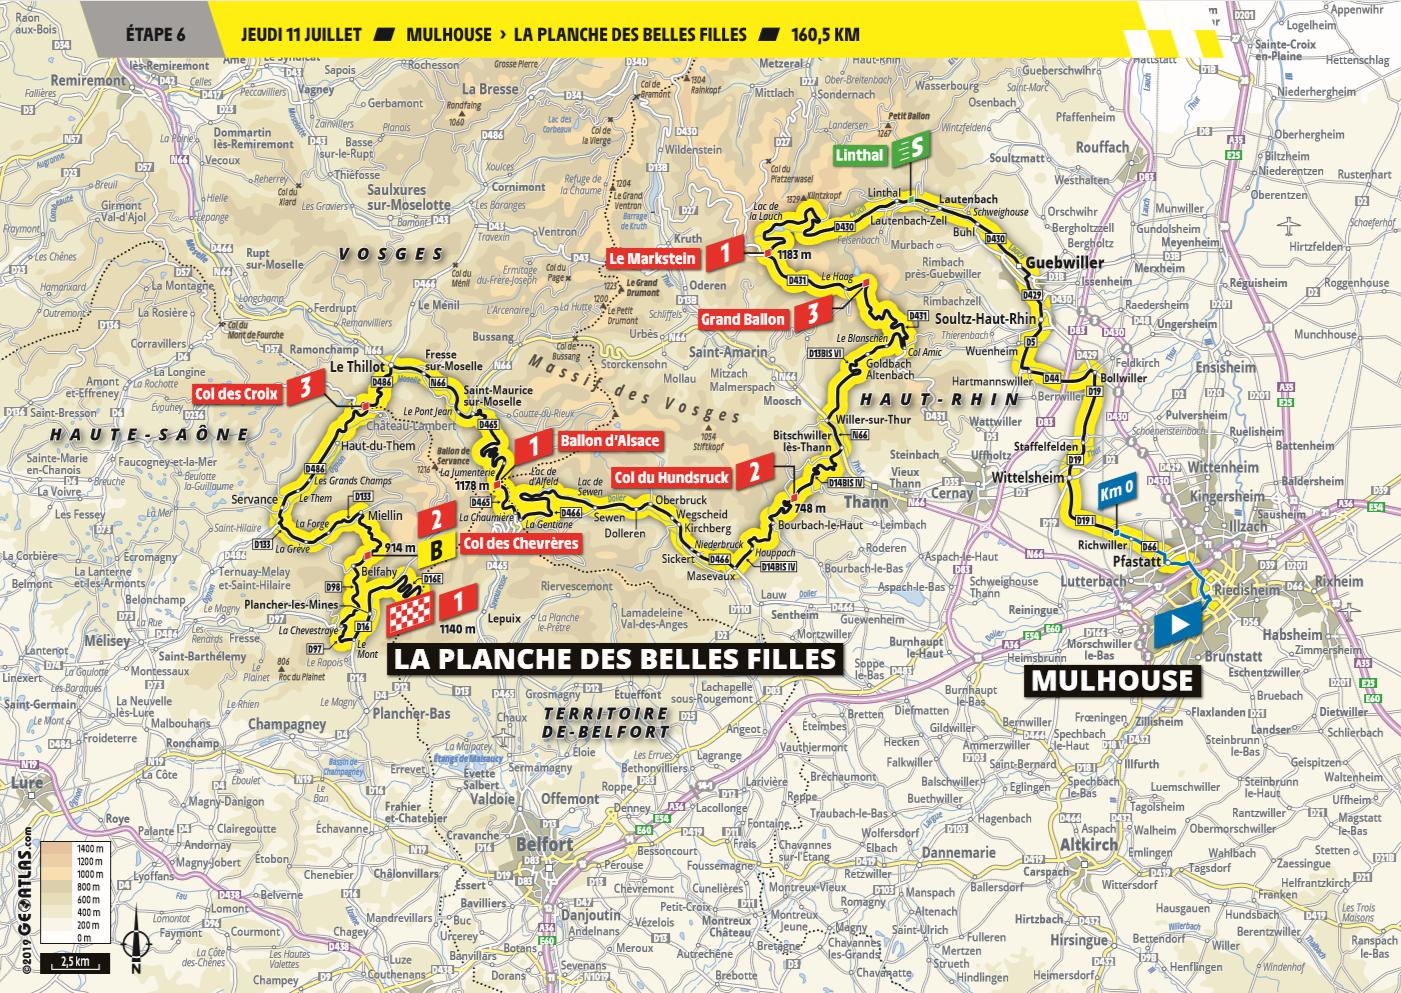 Tour de France 2019 - Page 12 190618033002257005